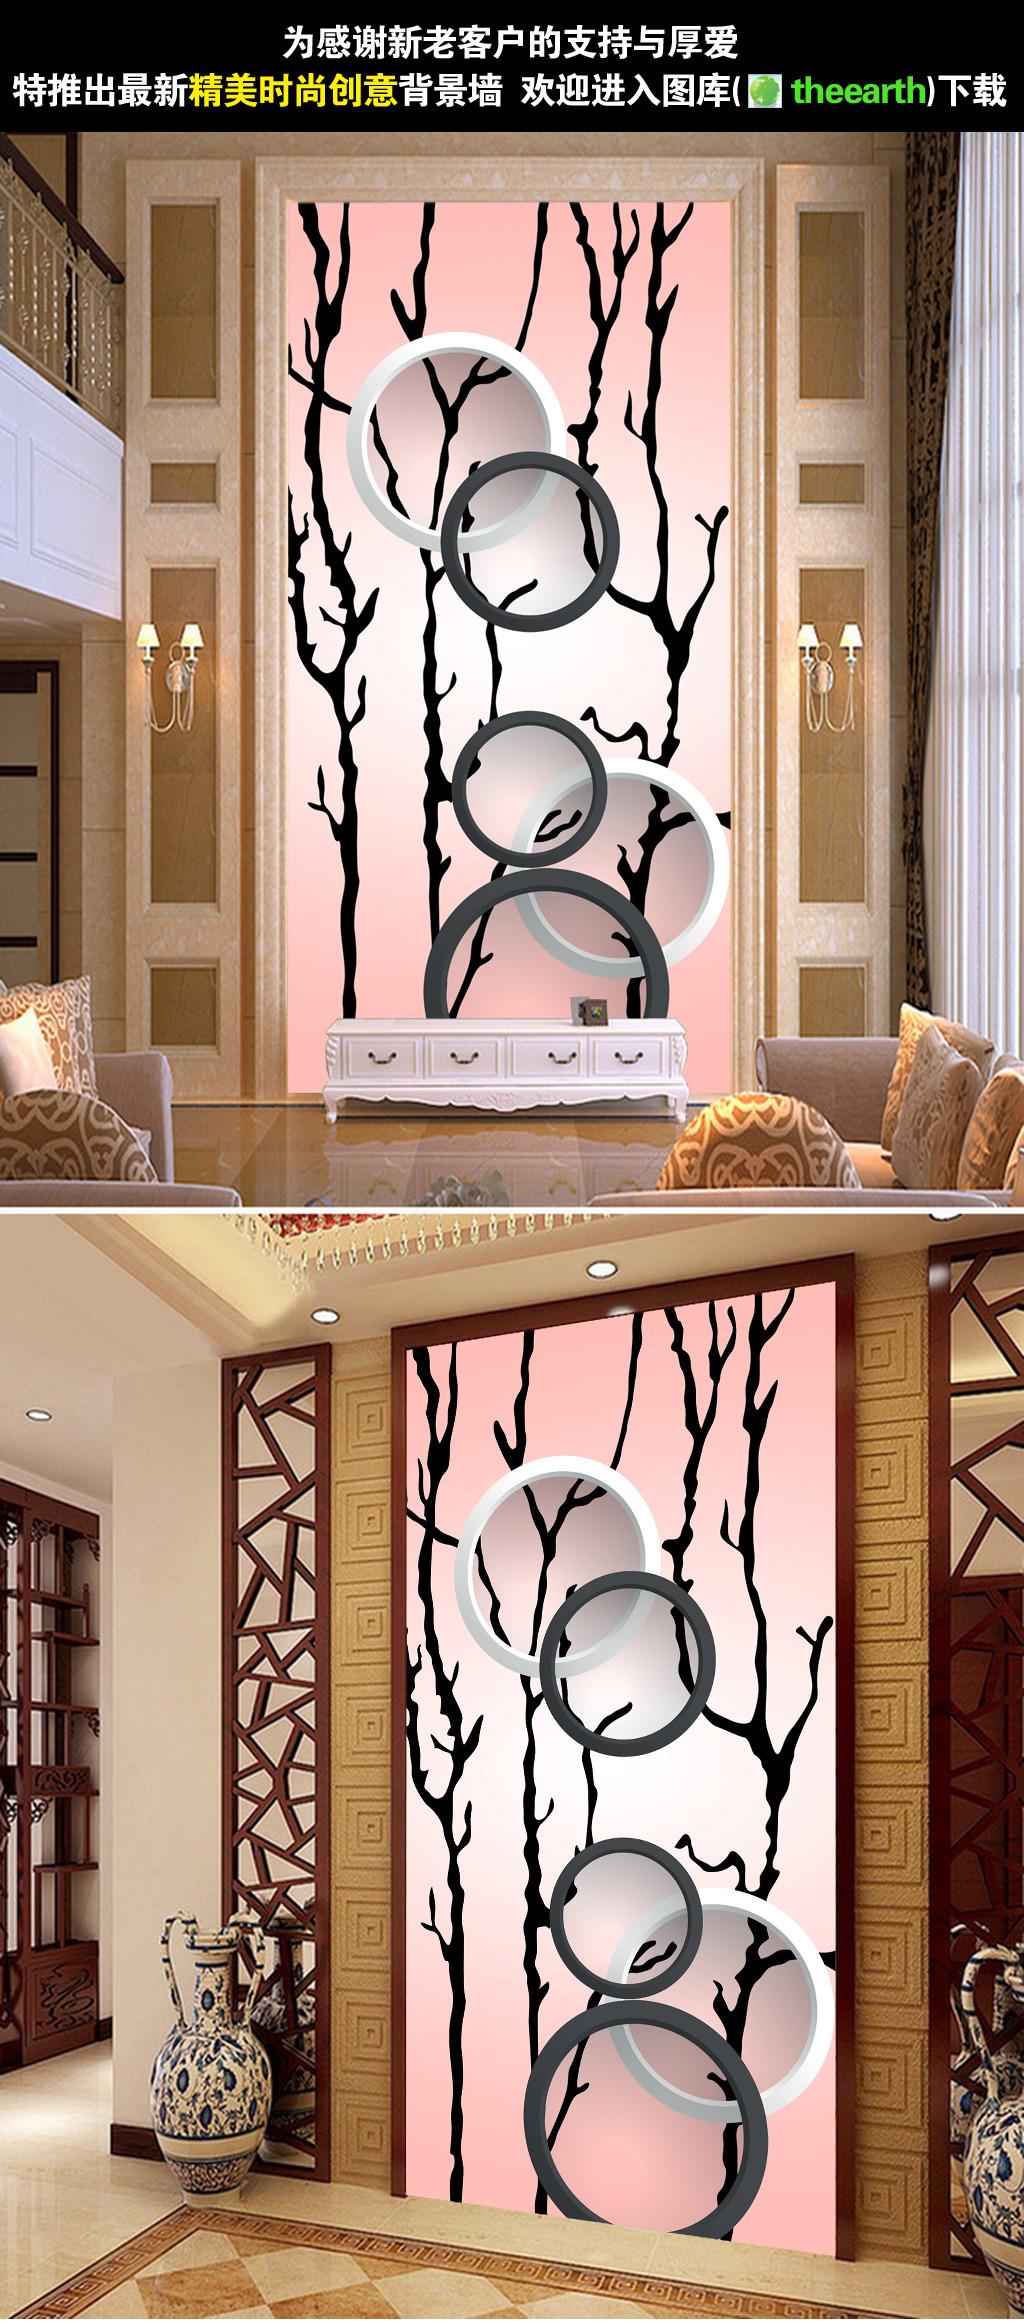 树木剪影3d玄关背景墙装饰画图片